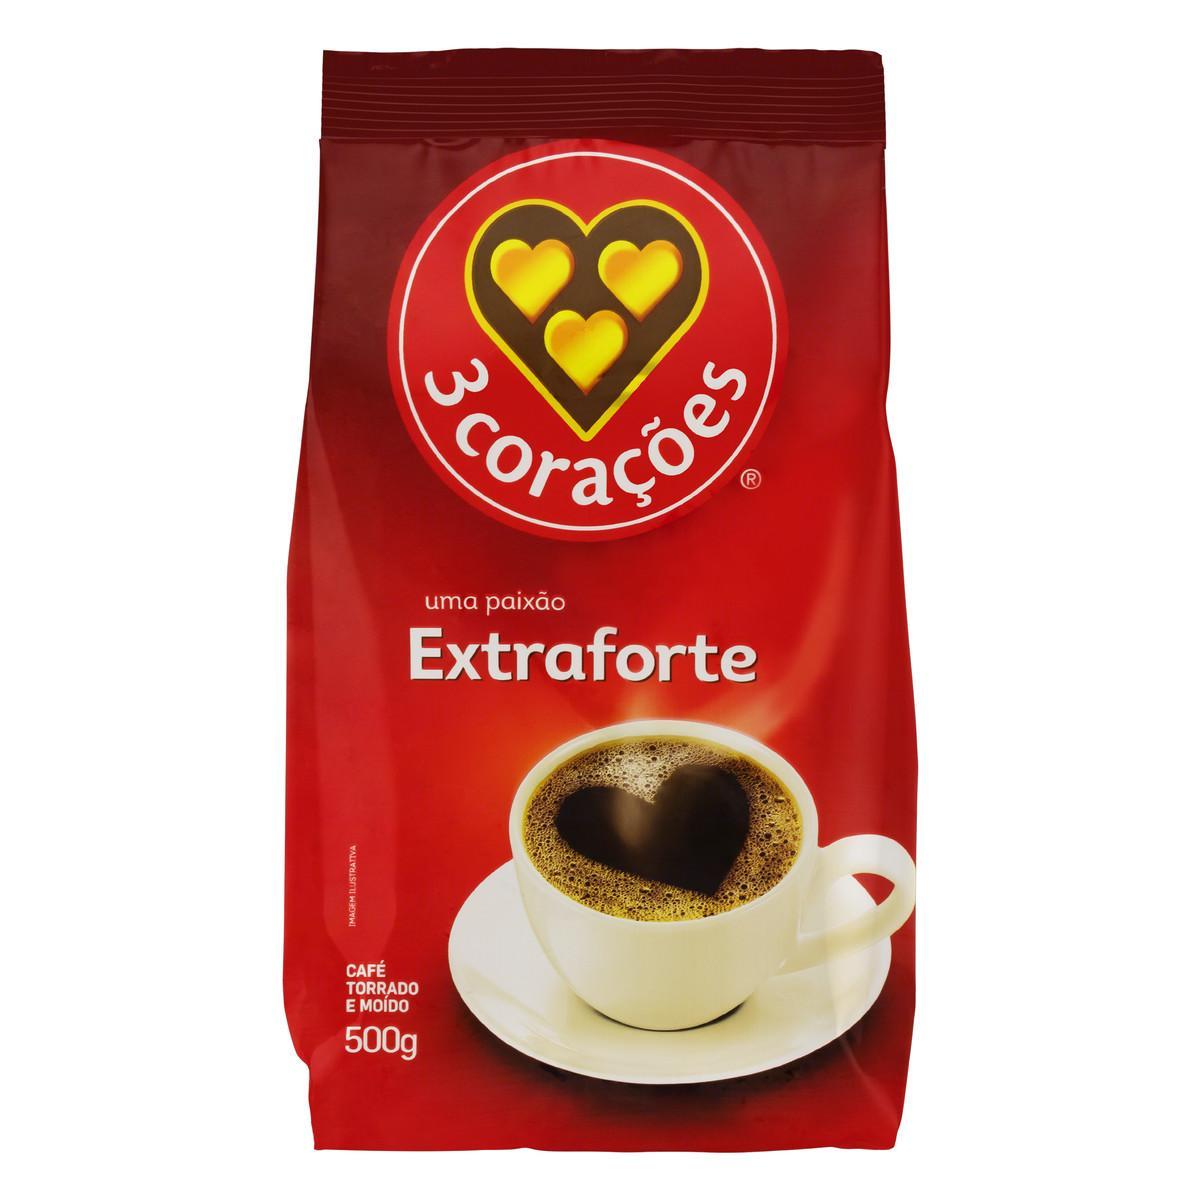 Café Torrado e Moído Extra Forte (em pó) 500g 3 Corações almofada UN